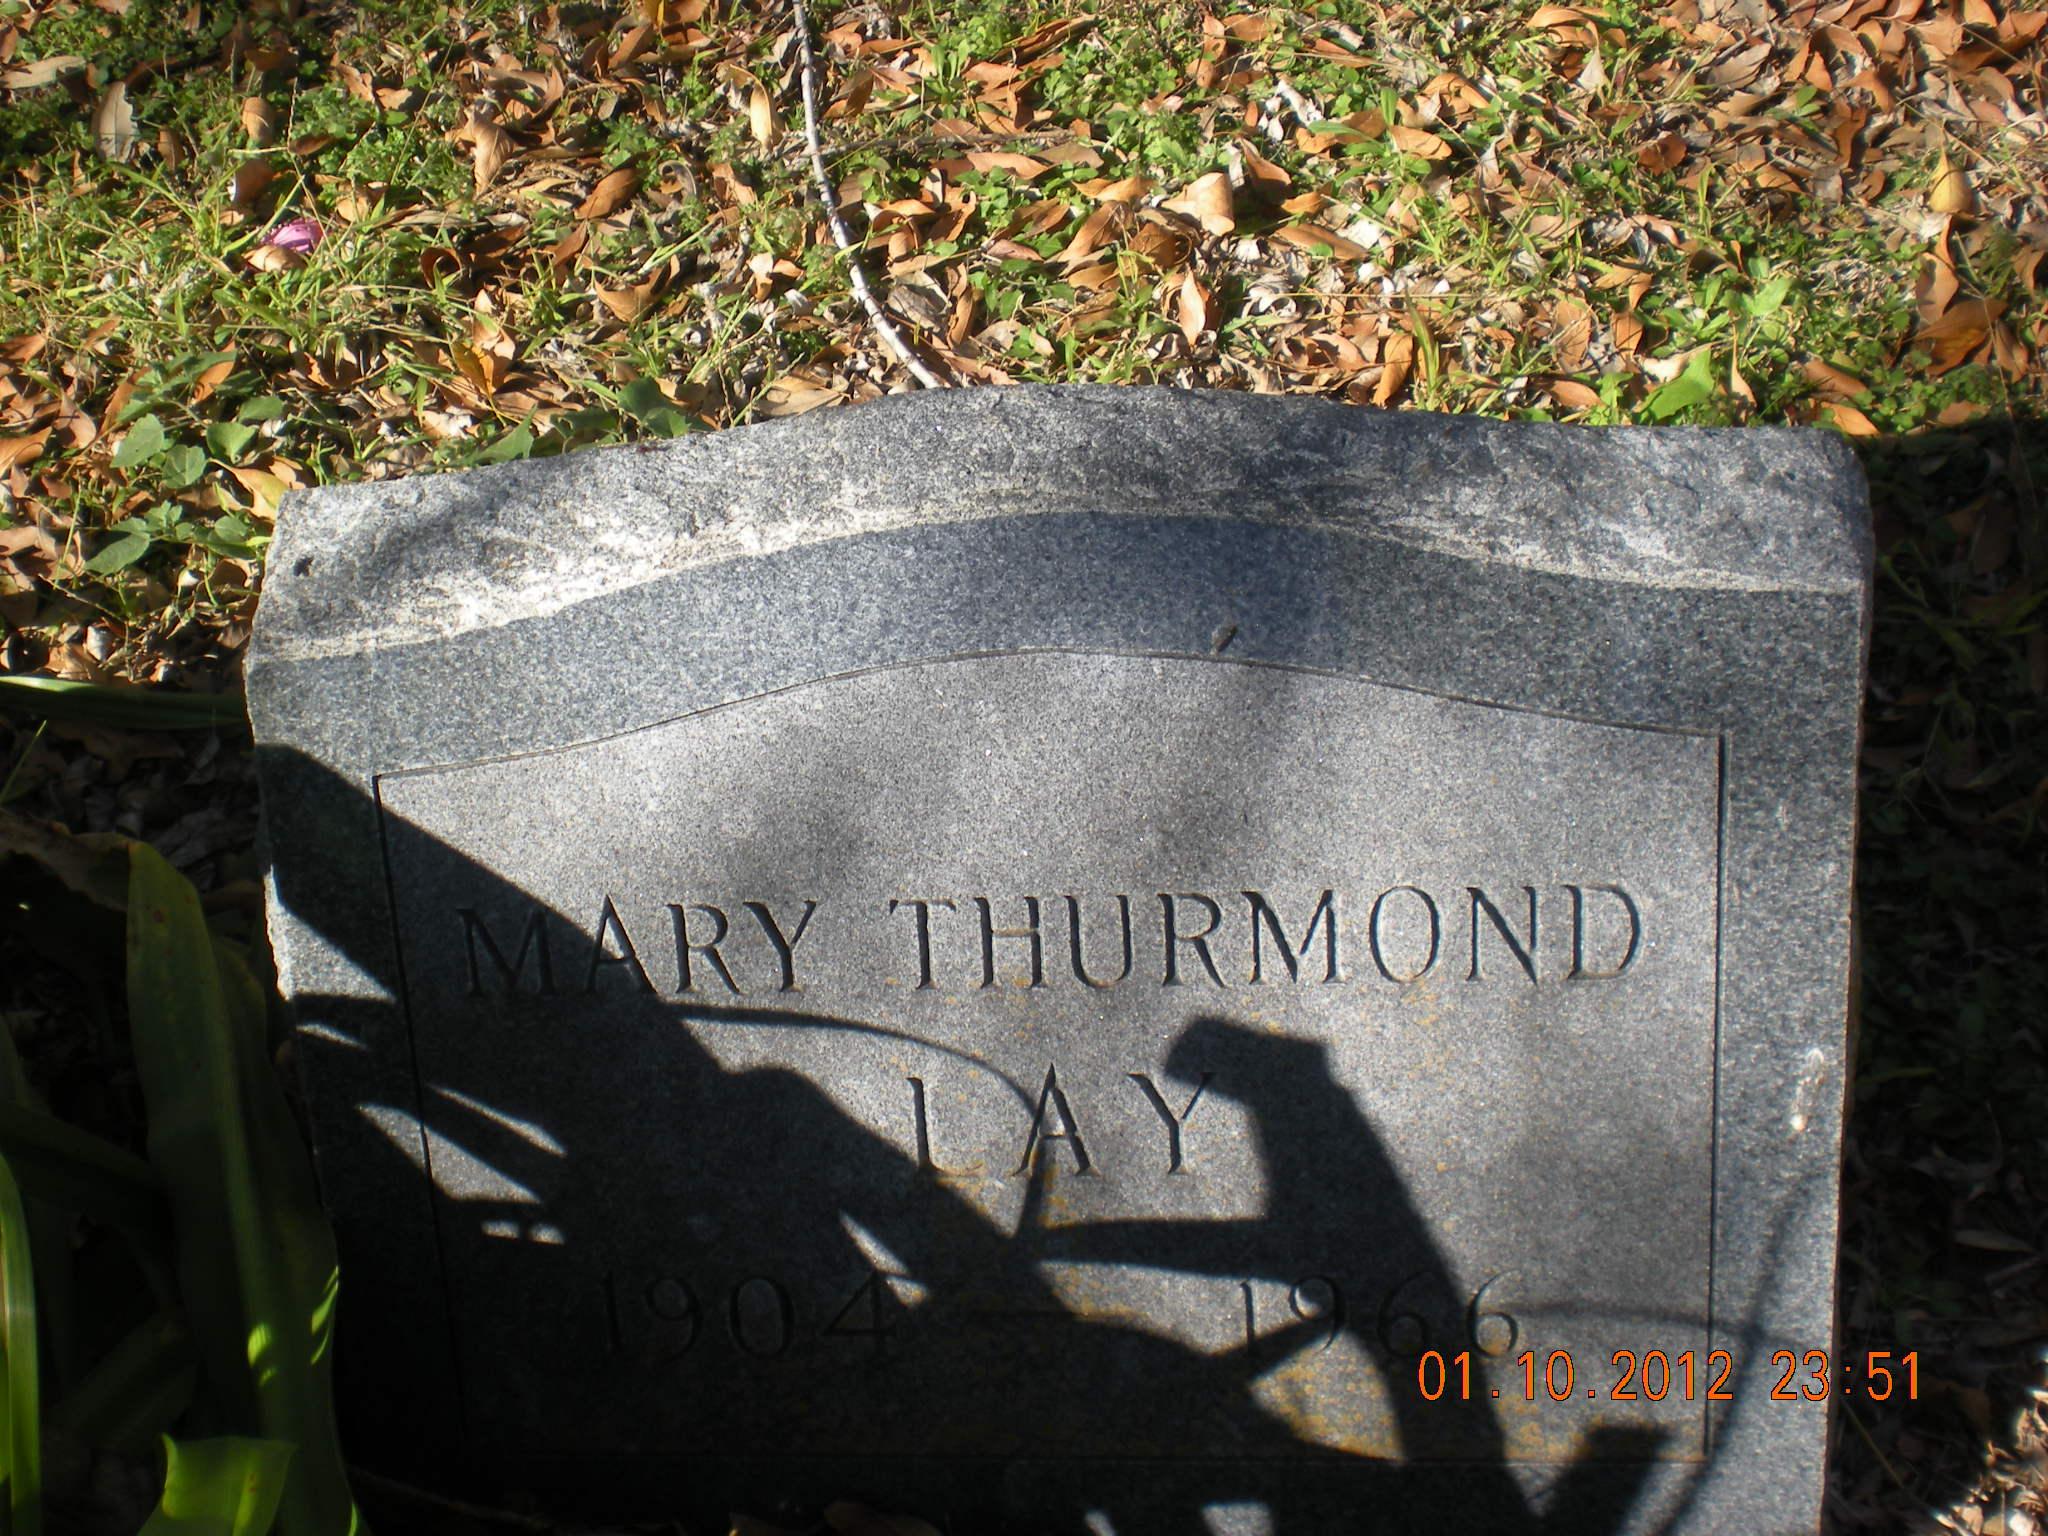 Mary <i>Thurmond</i> Lay